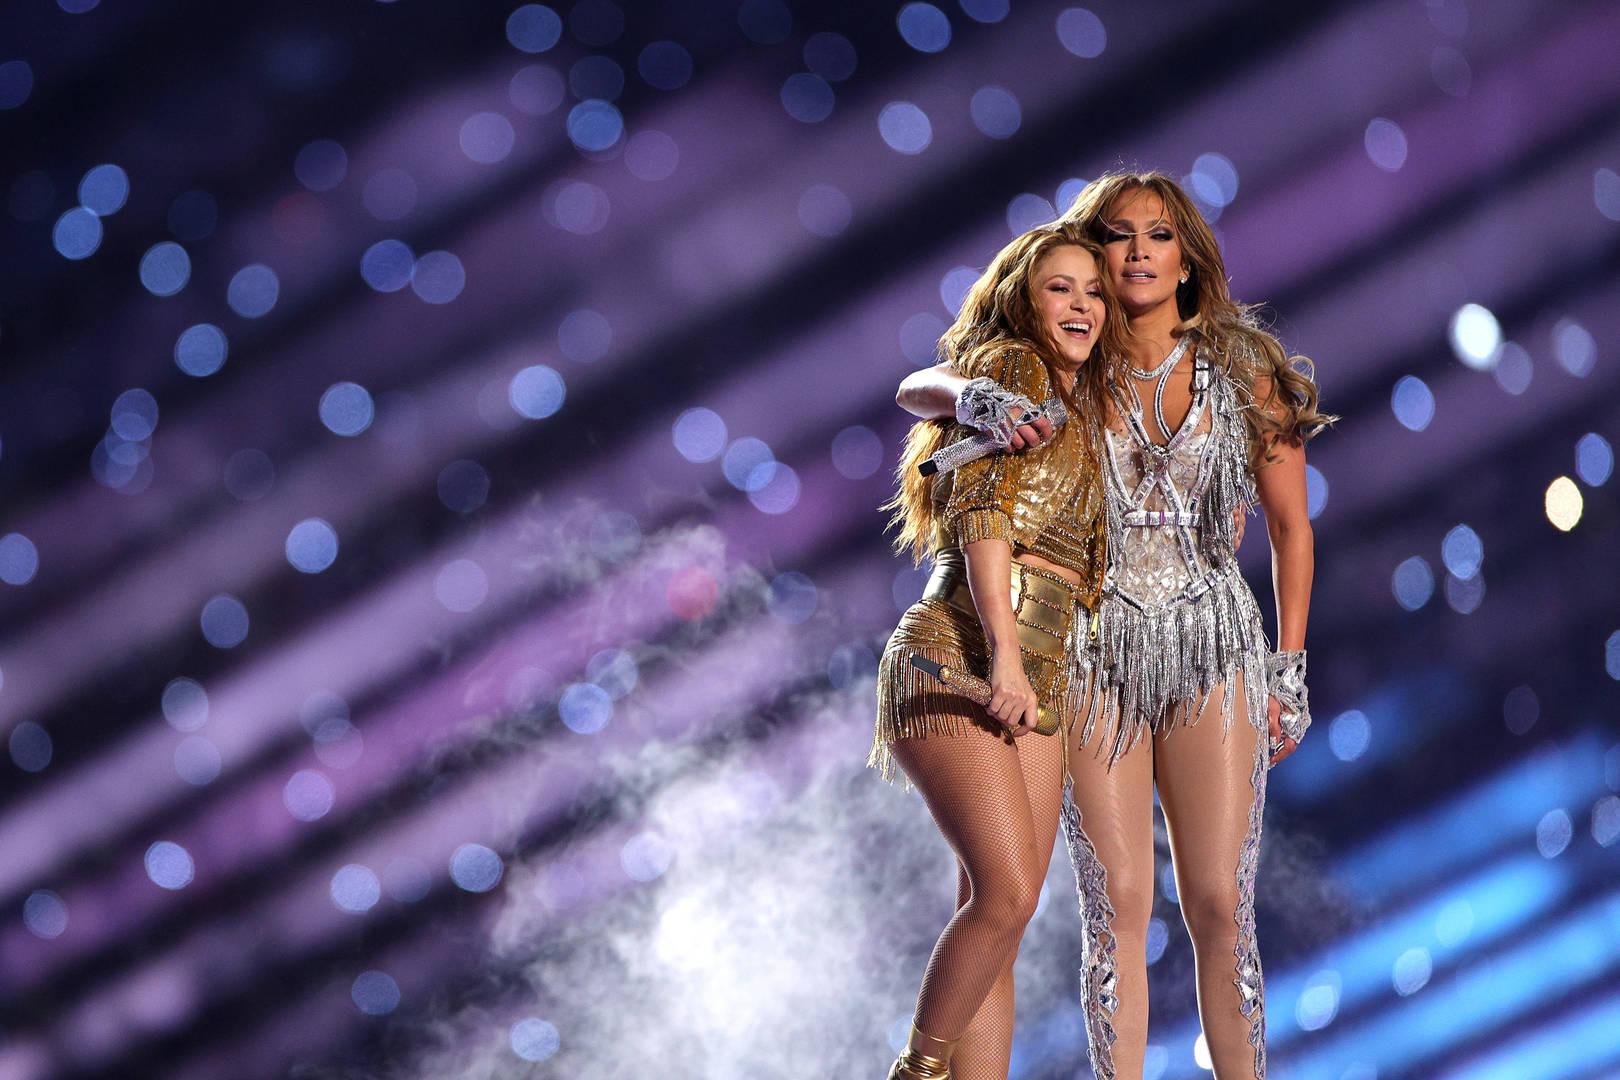 ¡Tienes que ver el video de Jennifer Lopez y Shakira ensayando para el Super Bowl!